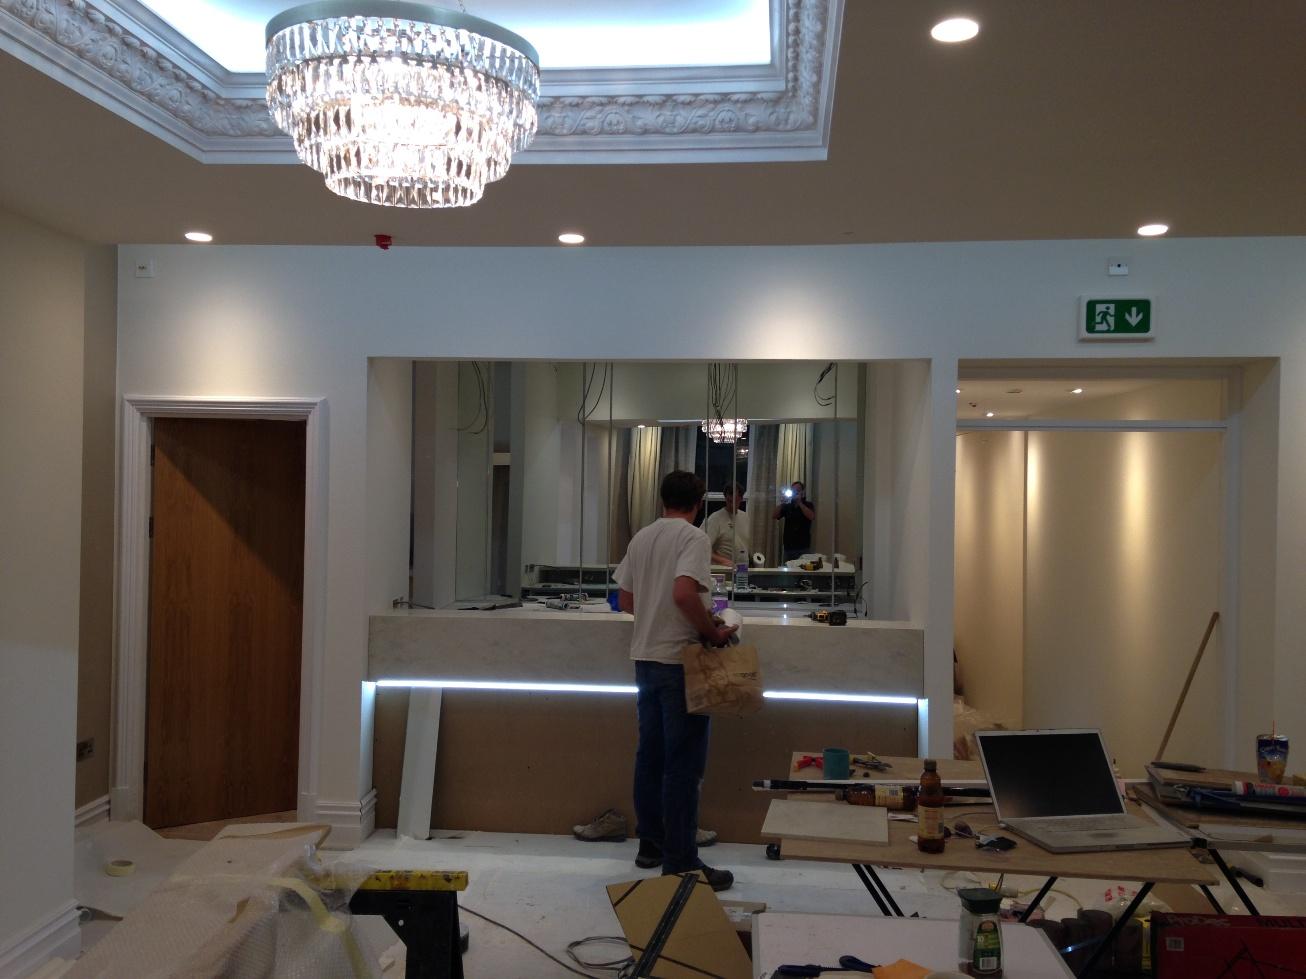 Sands Hotel Margate function room